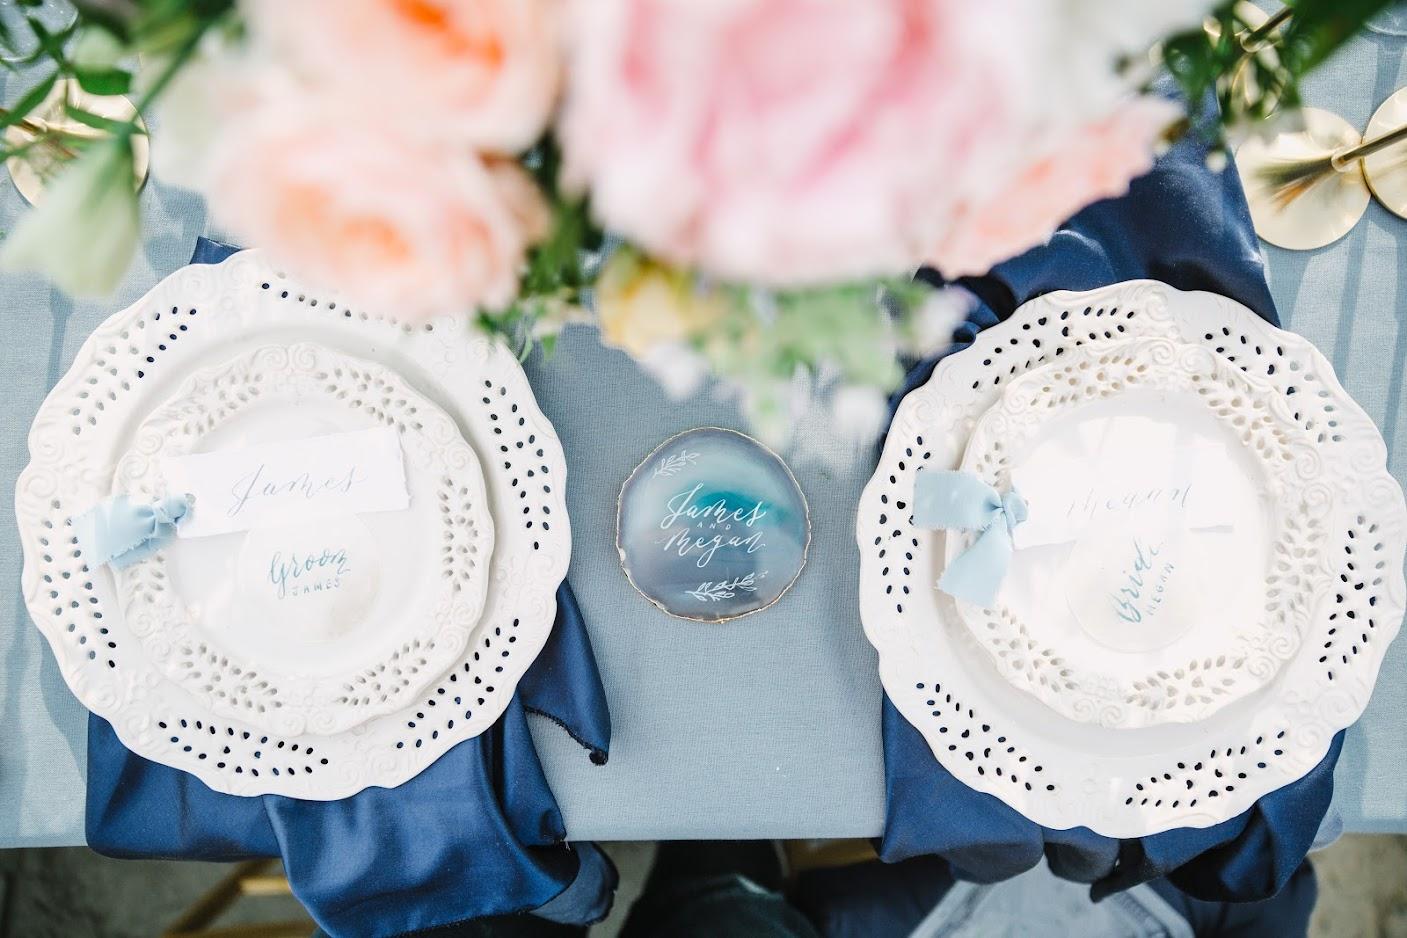 美式婚紗,自助婚紗,Fine art 婚紗 , 美式婚禮 ,台中婚紗, 美式婚禮紀錄, Cradle wedding